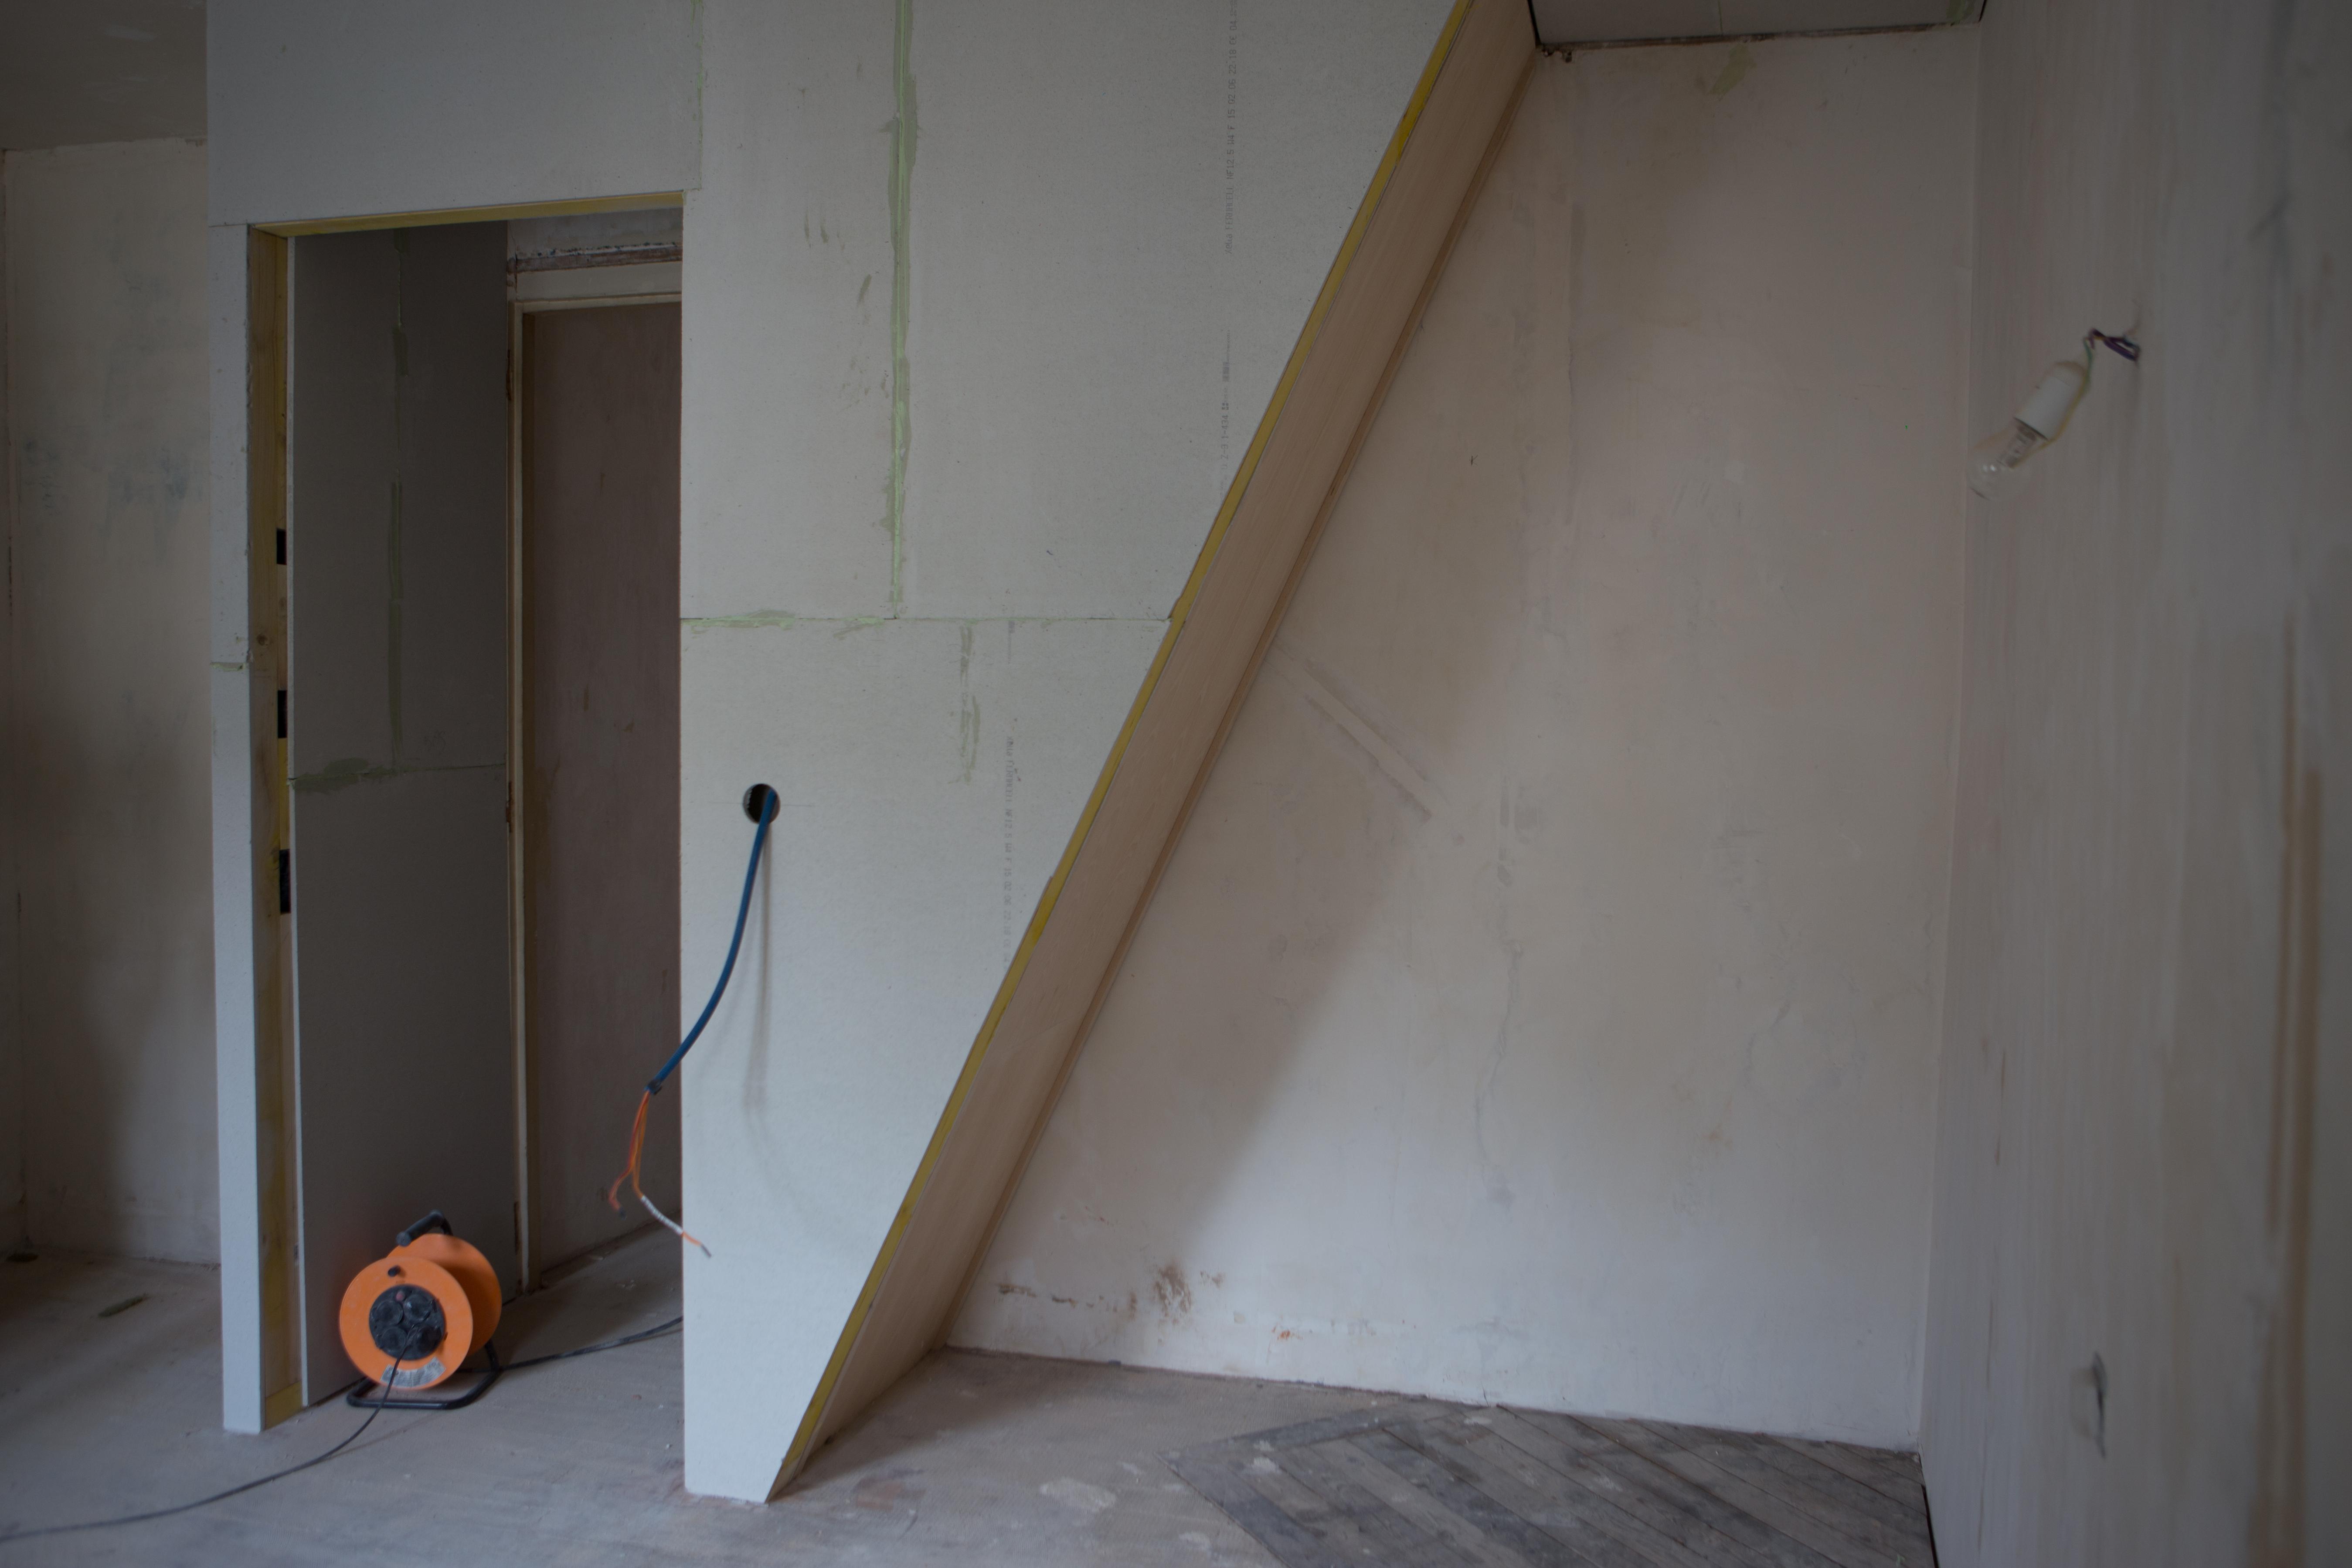 nouvelle cage d escalier au 33 de la rue. Black Bedroom Furniture Sets. Home Design Ideas